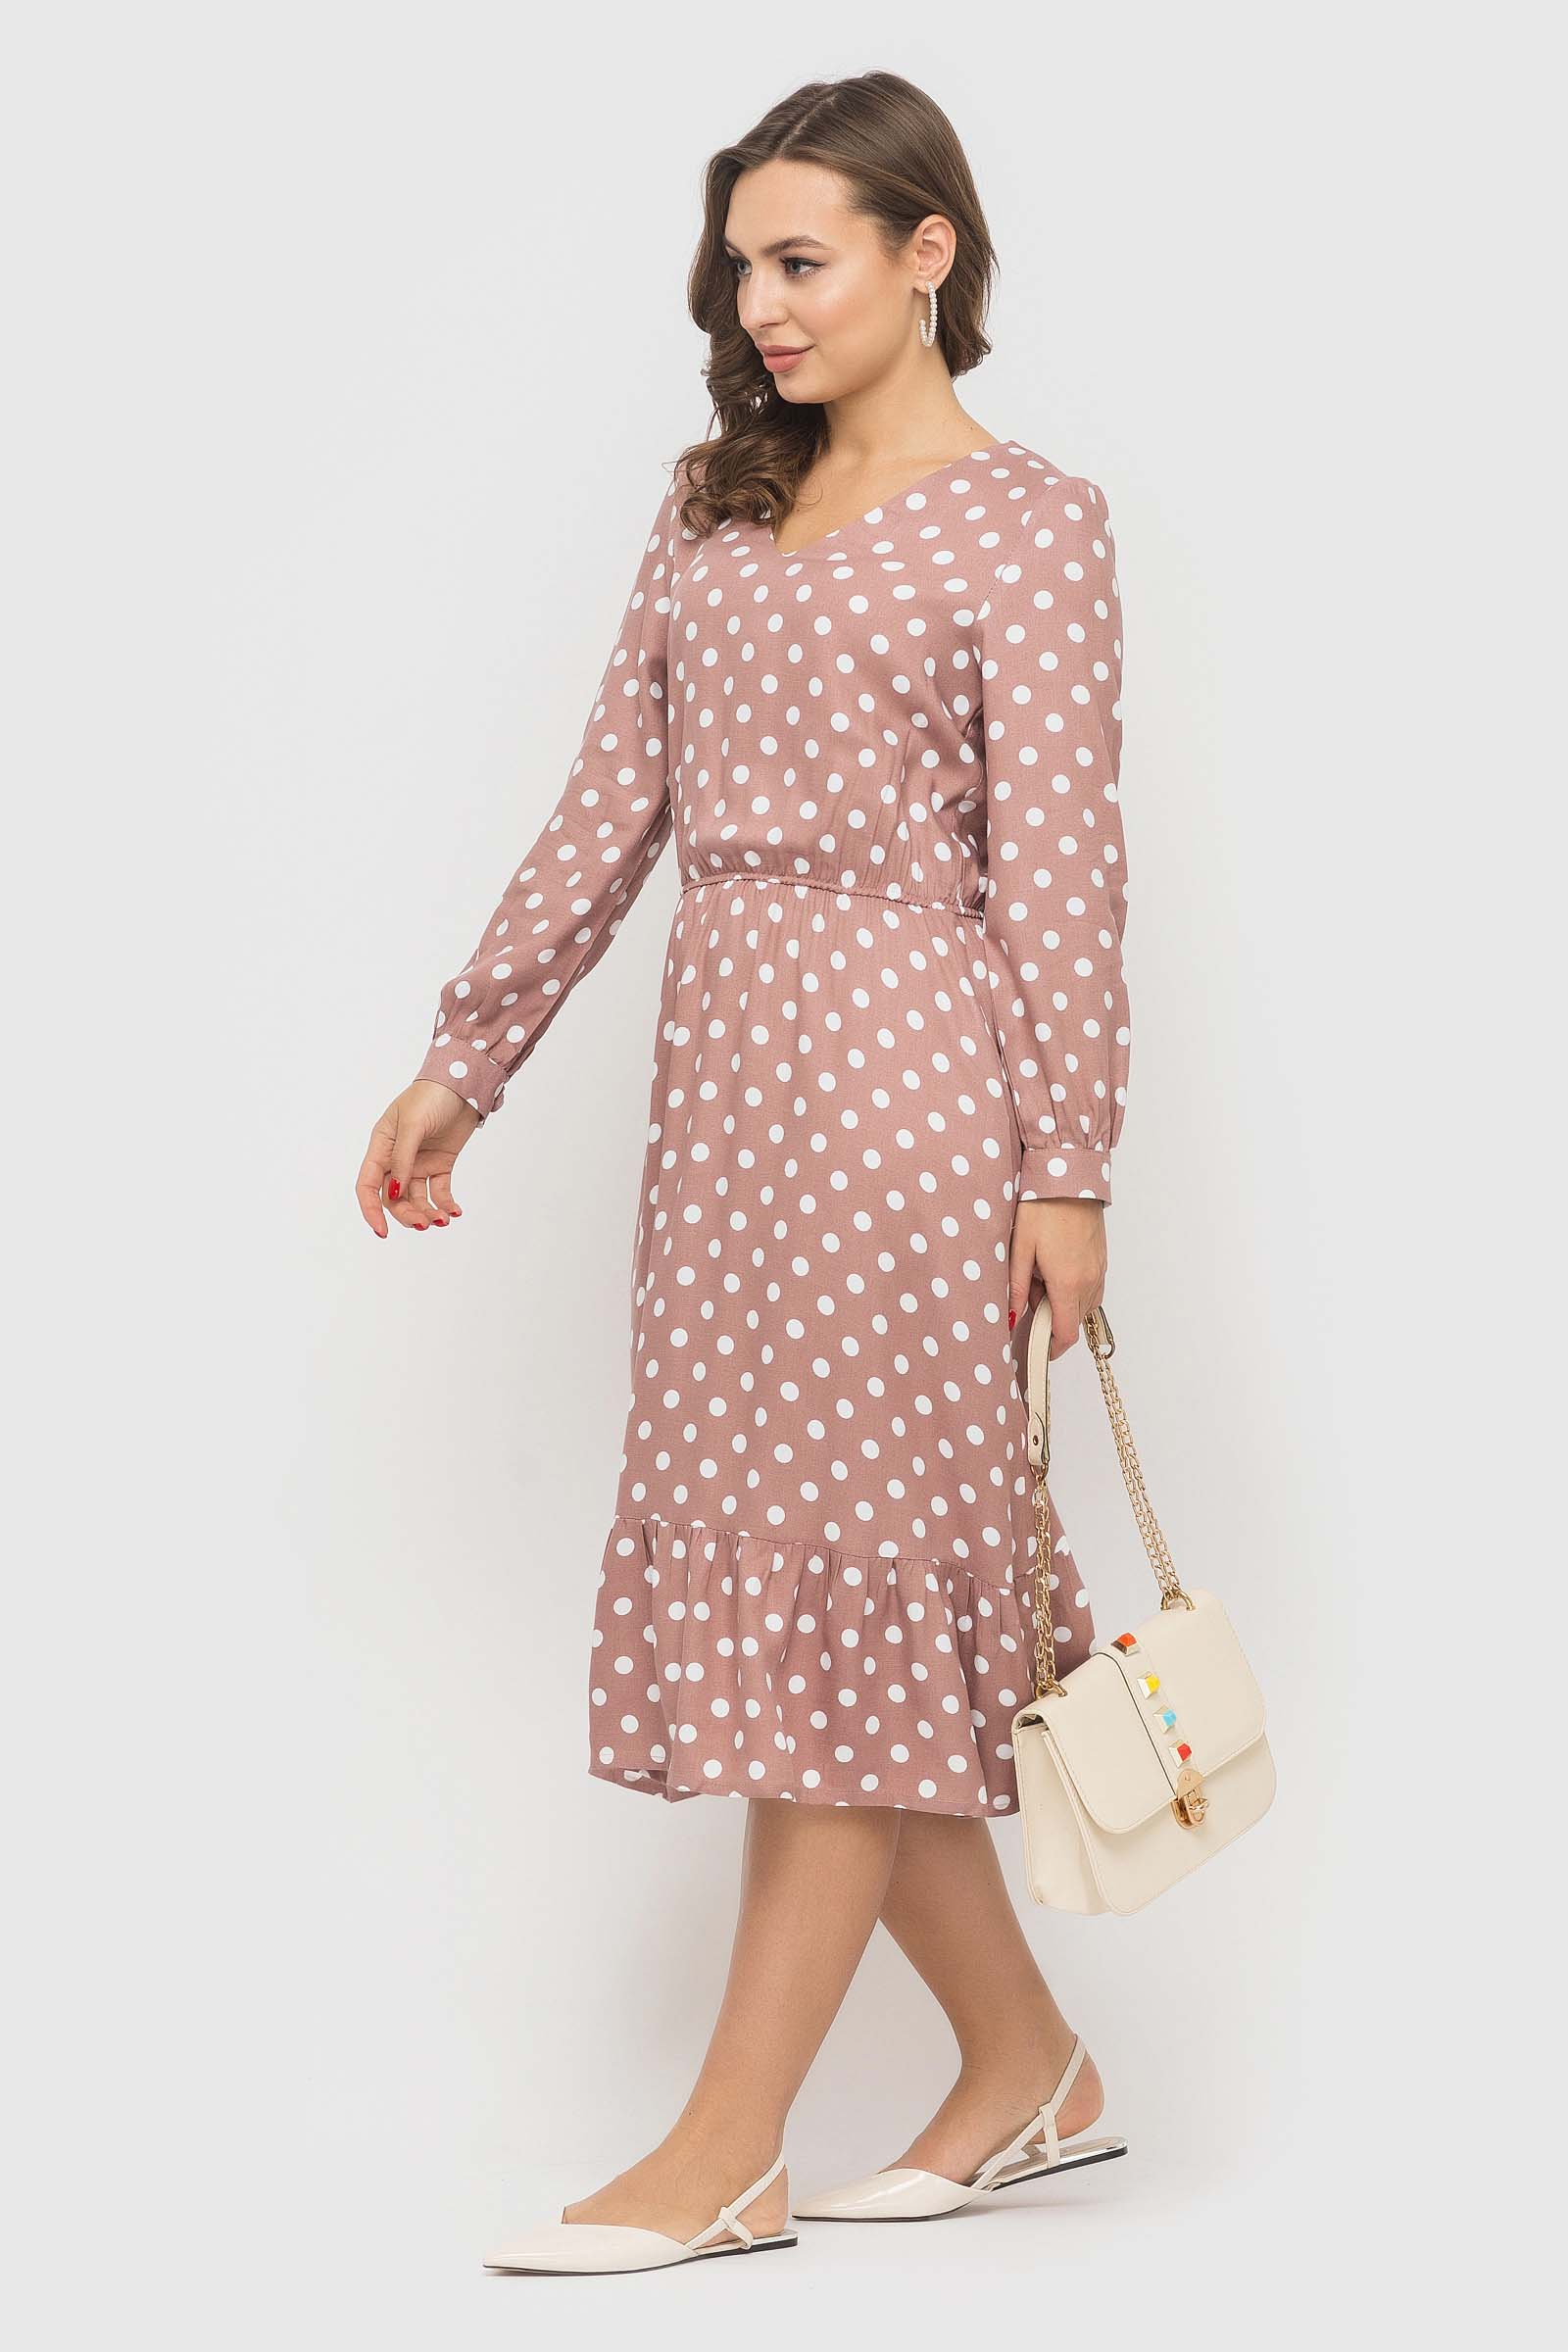 be art 2020 04 07182673 Купить платье